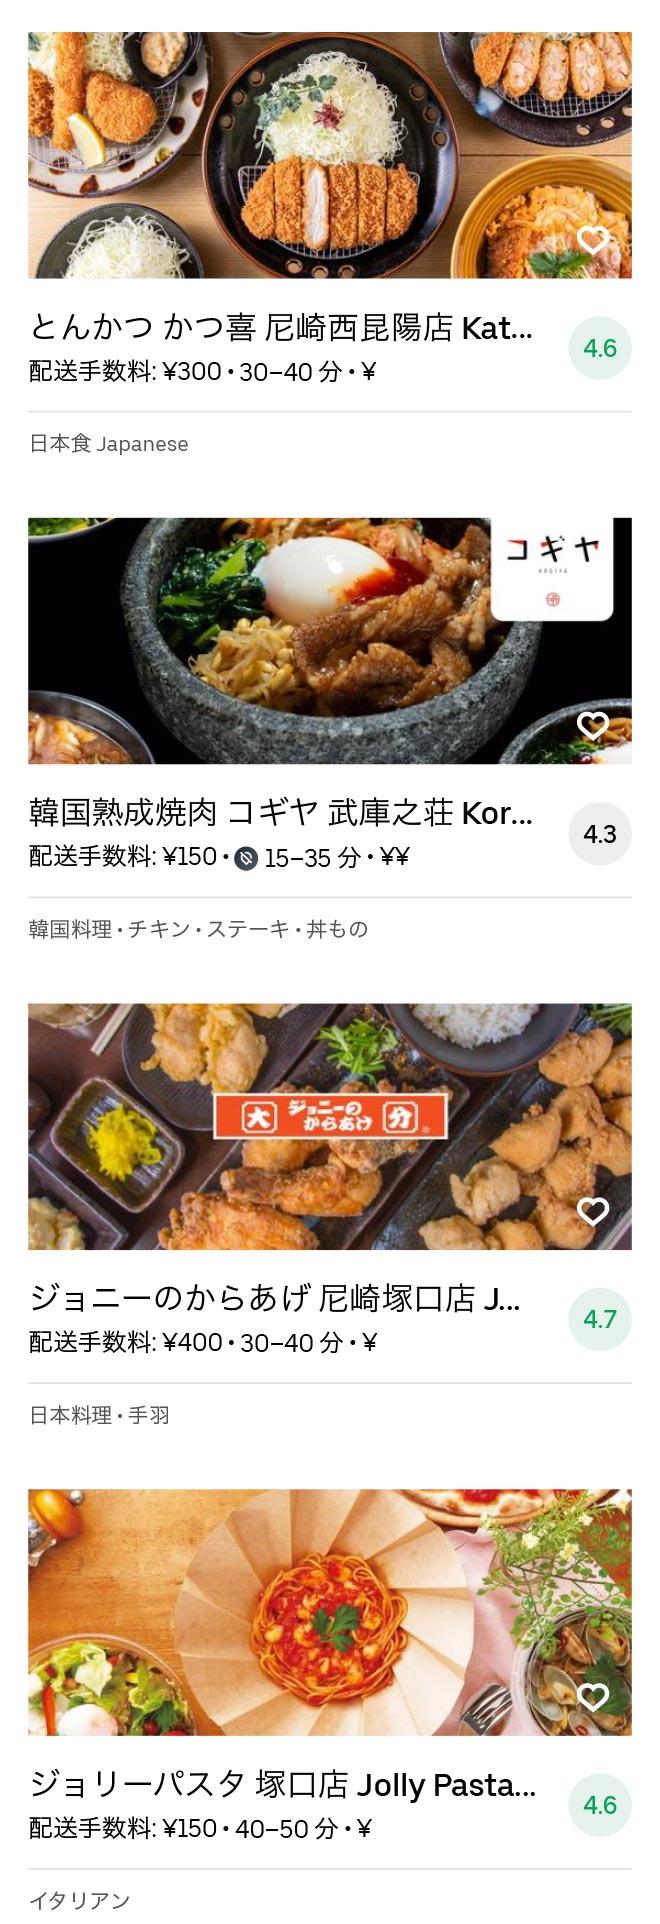 Itami menu 2007 07